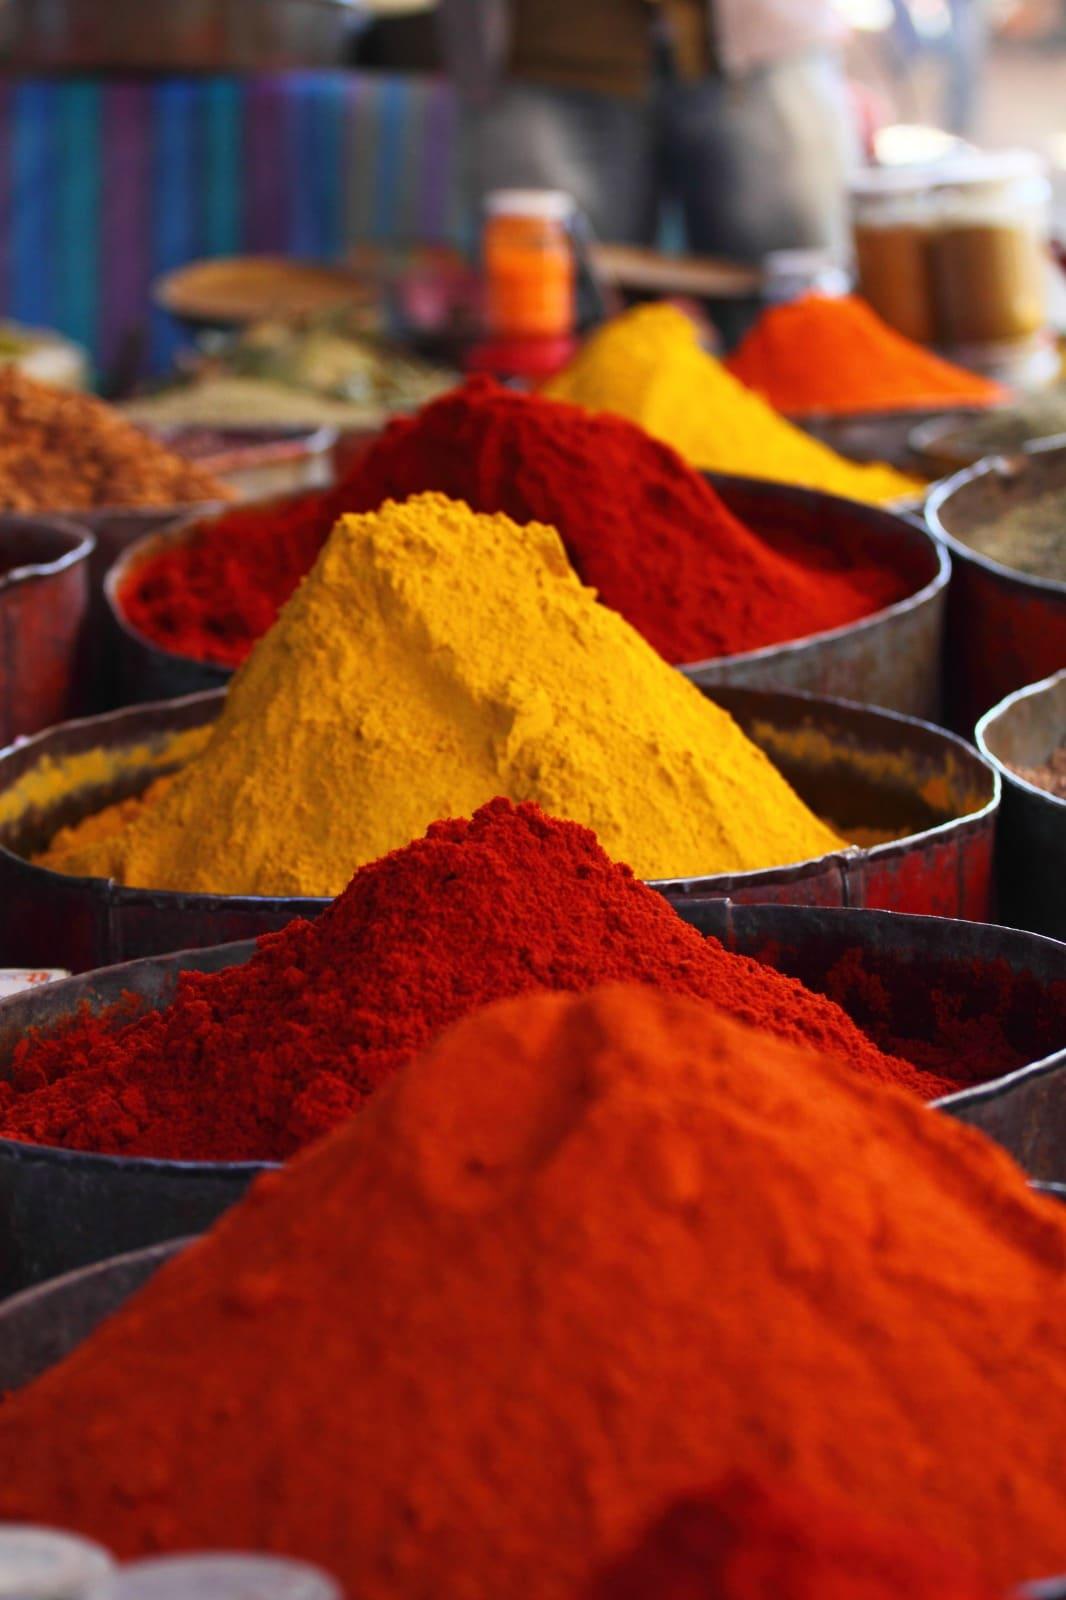 Diverses epices colorées.